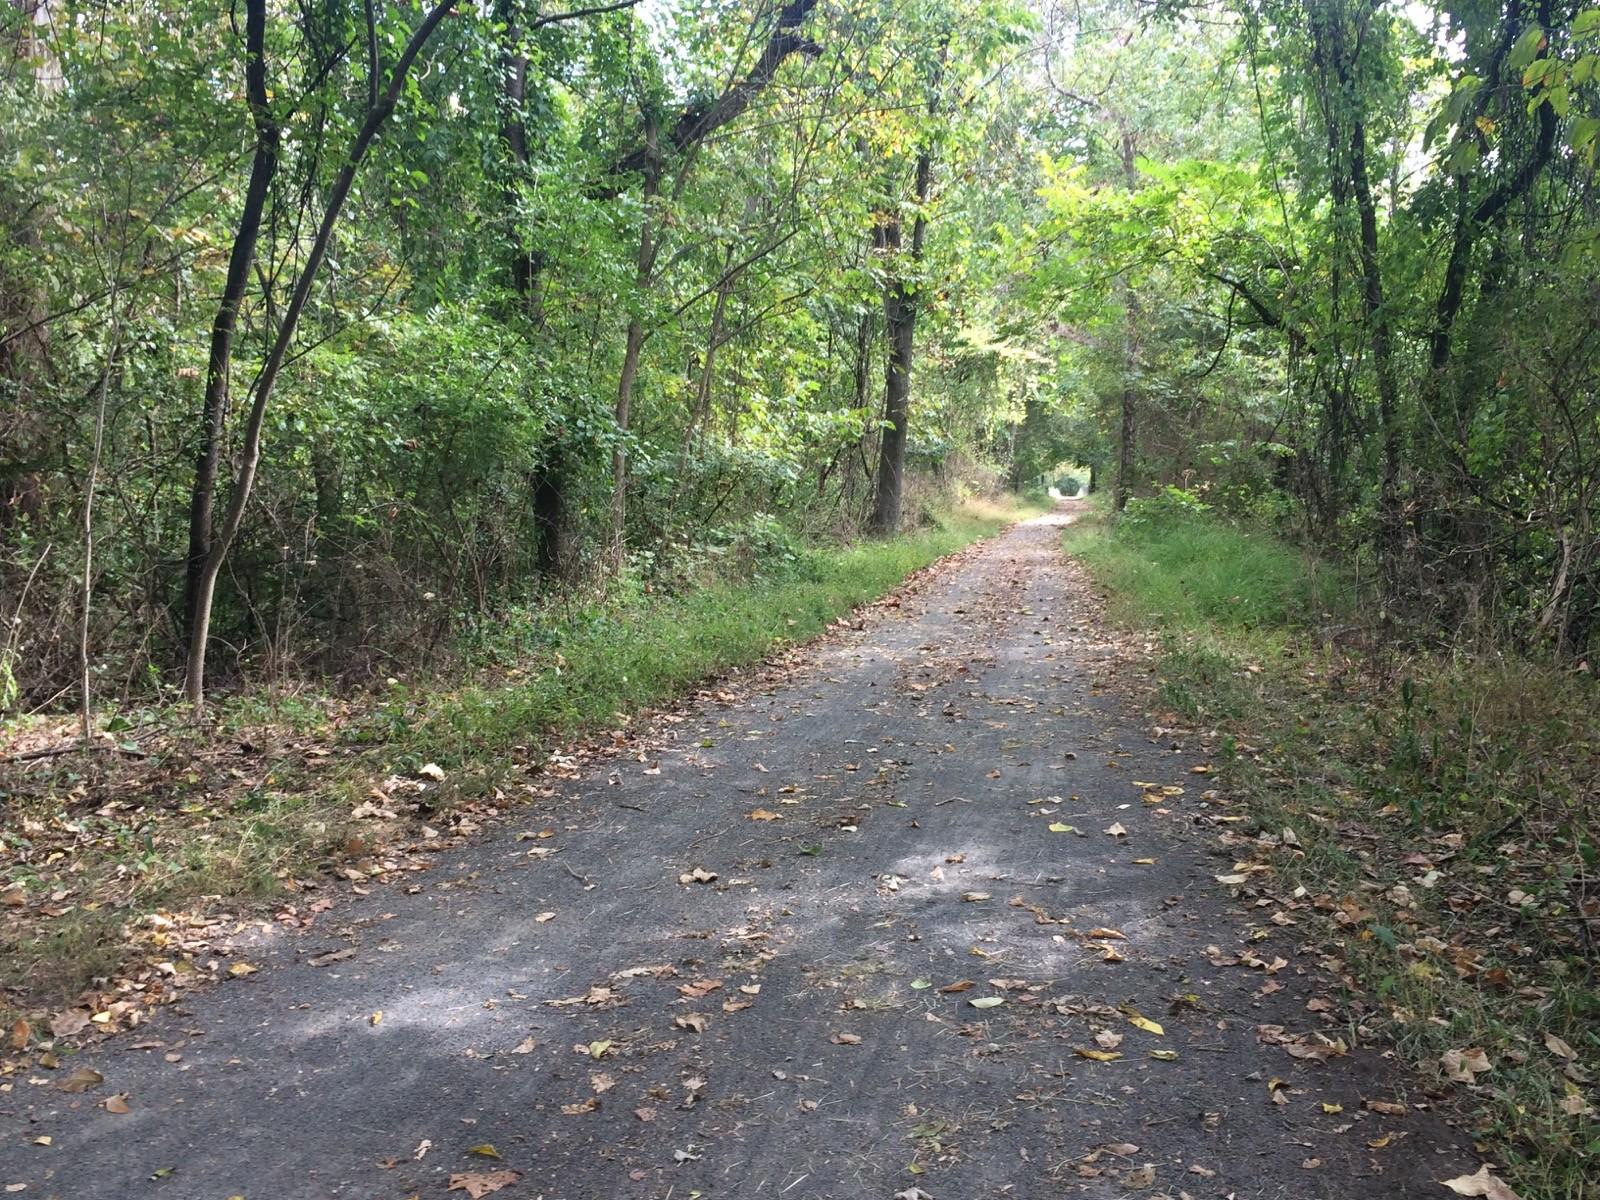 Walking trail in Pottstown area park